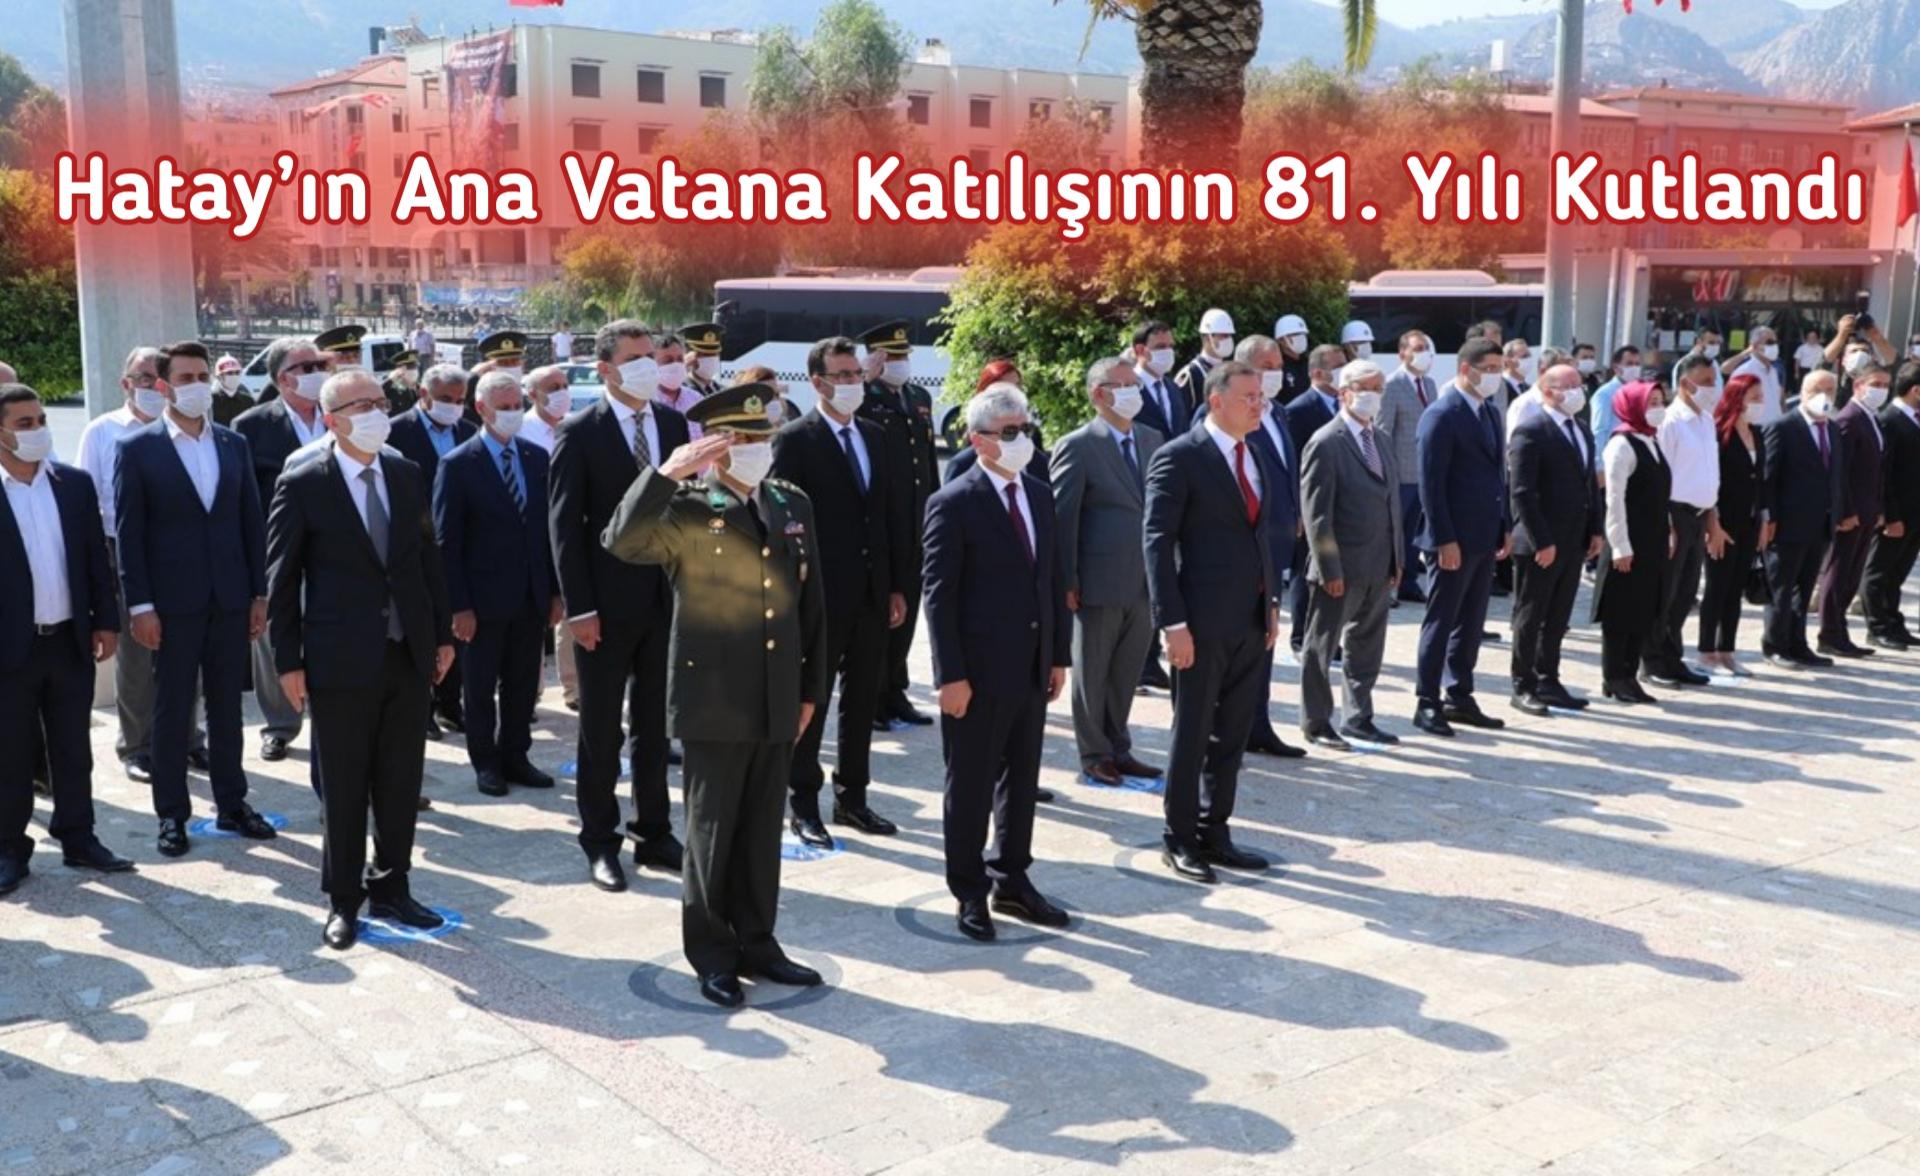 Hatay'ın Ana Vatana Katılışının 81. Yılı Kutlandı